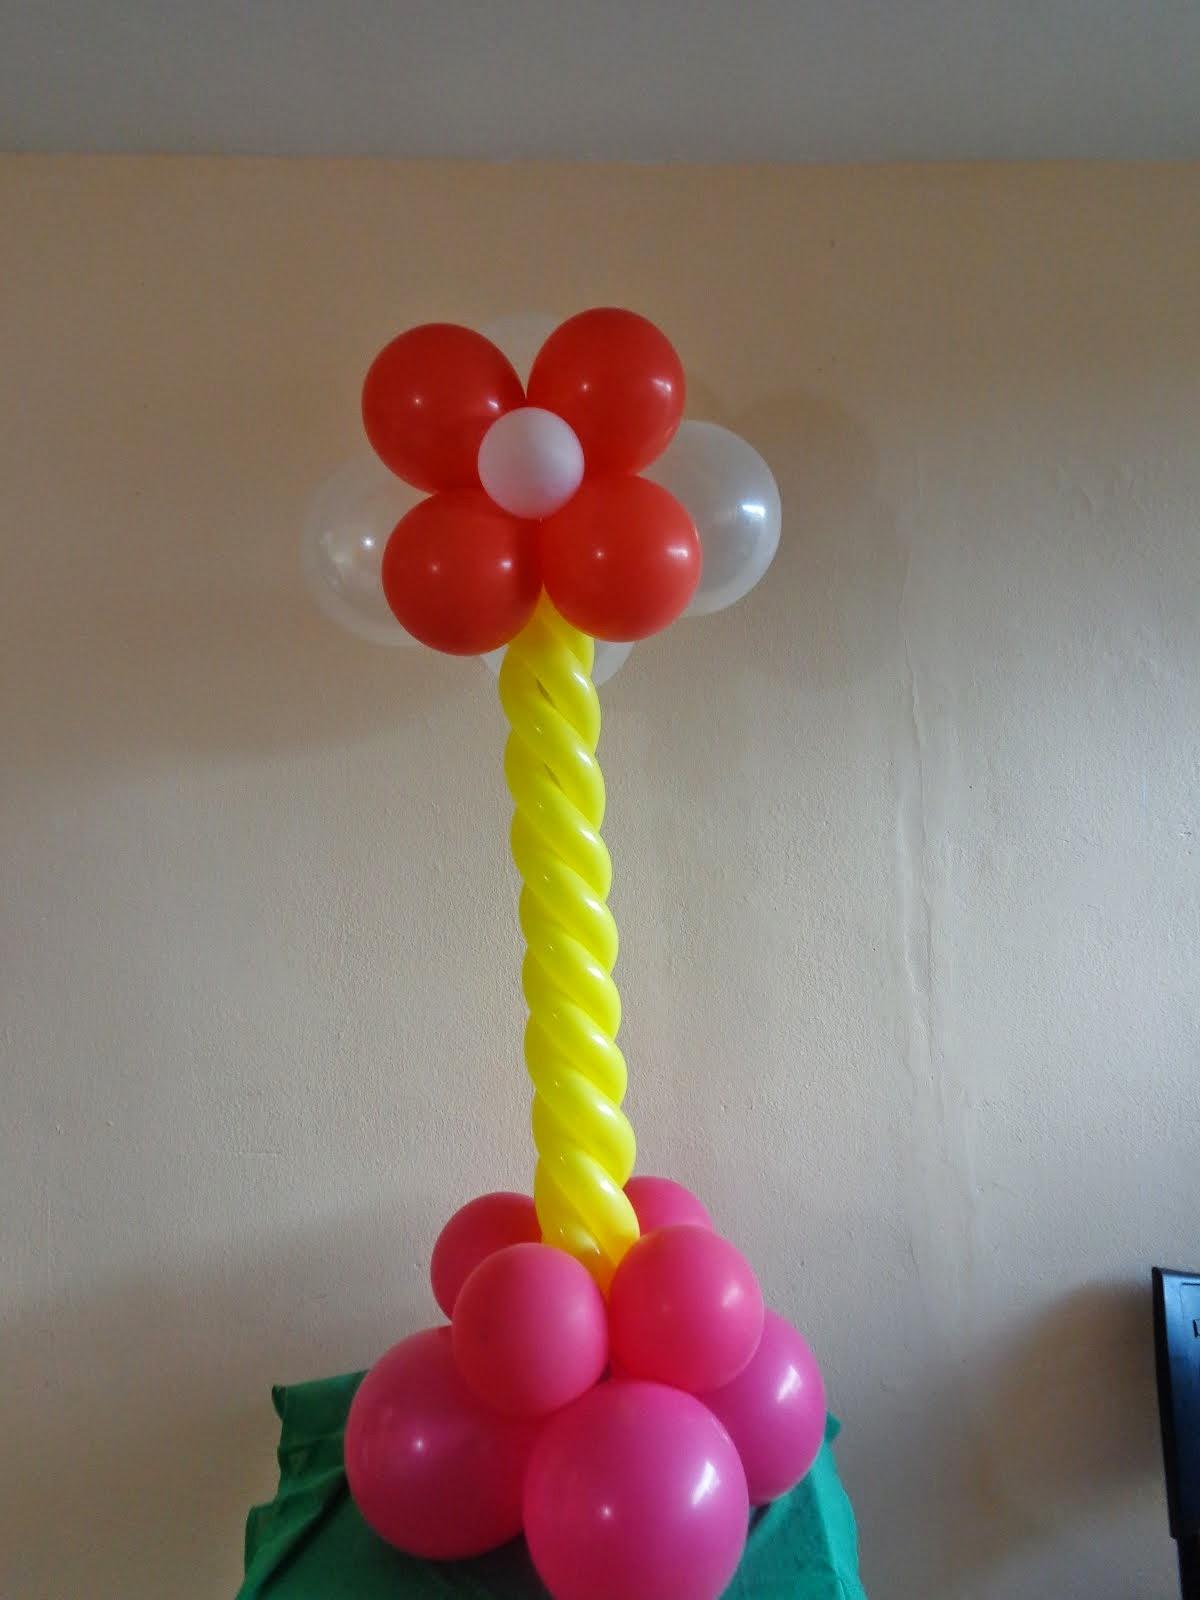 Como Fazer Arco De Balões Passo A Passo -> Decoração Com Balões Como Fazer Passo A Passo